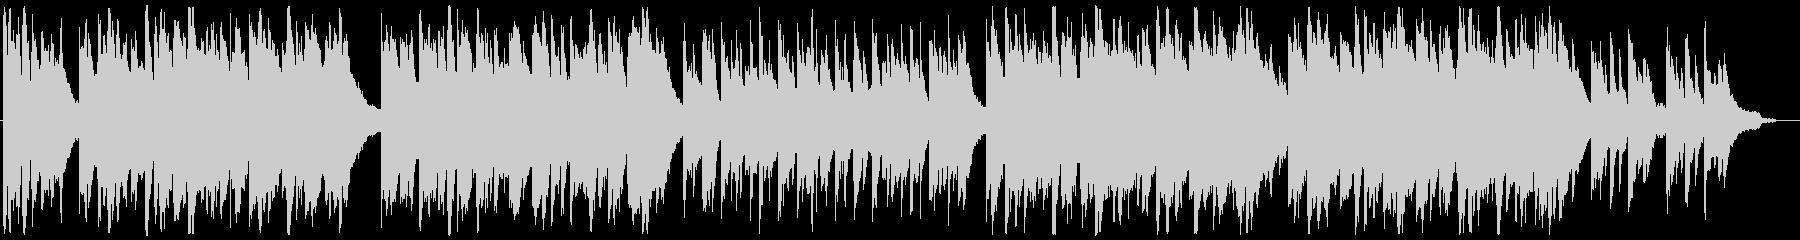 誓いの優しいピアノ曲の未再生の波形